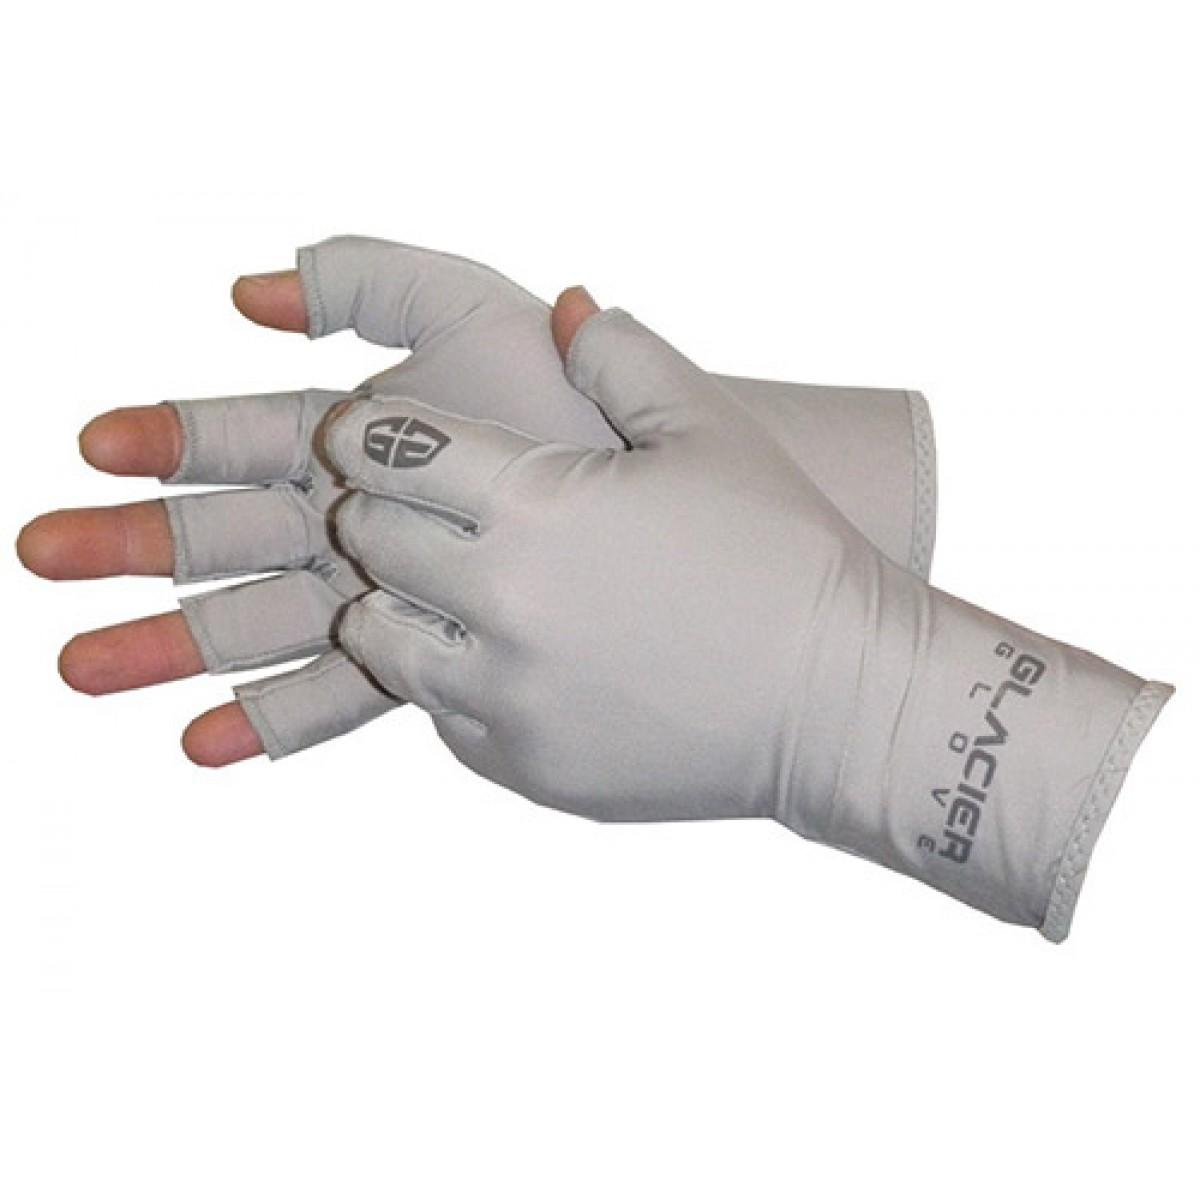 Glacier glove abaco bay sun gloves for Fishing sun gloves